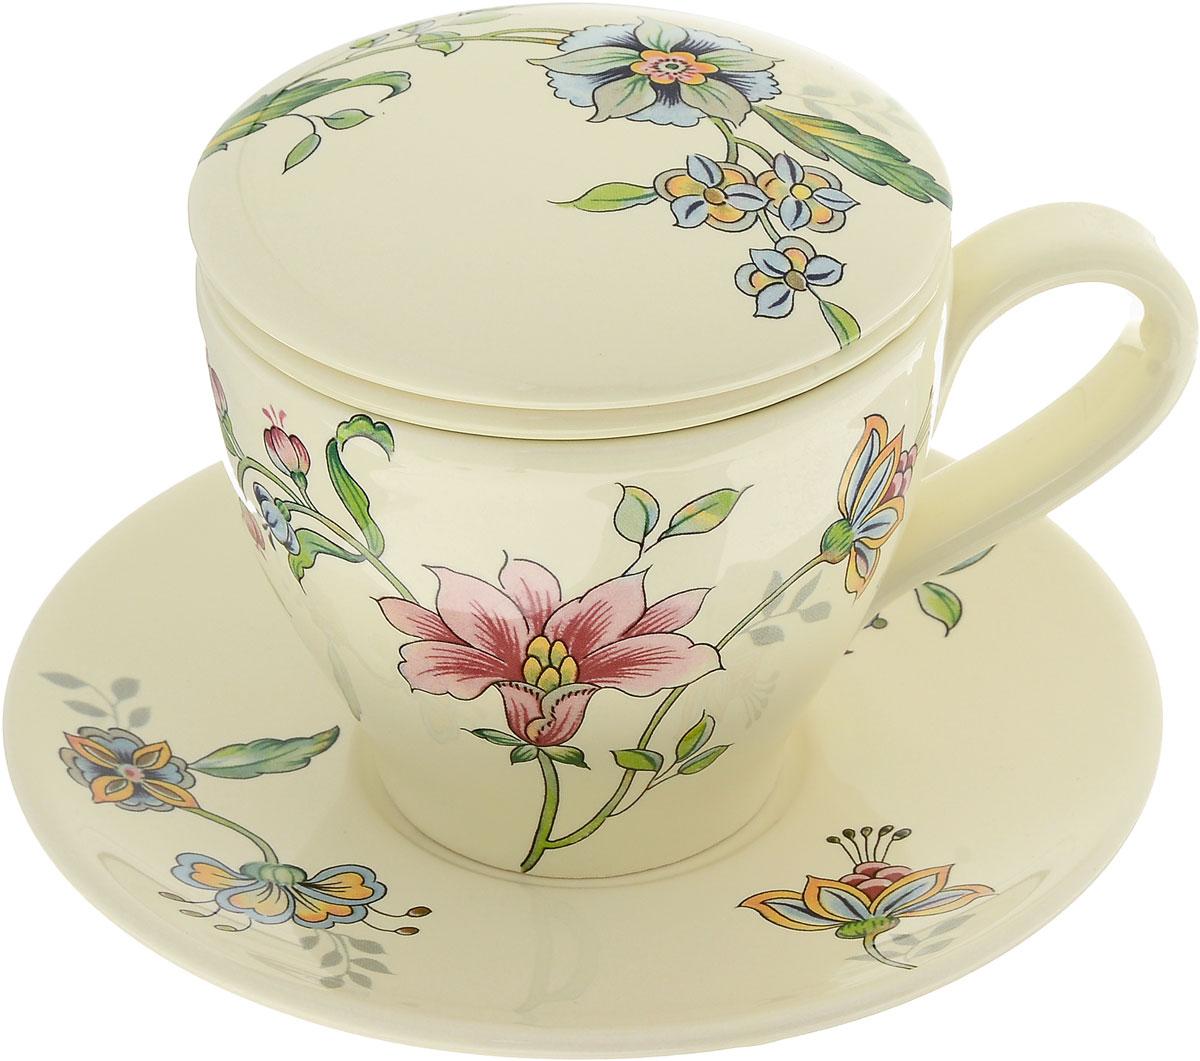 Набор чайный Nuova Cer Прованс, 4 предметаPRV-7392Чайный набор Nuova Cer Прованс состоит из чашки, заварочного фильтра, крышки и блюдца, изготовленных из высококачественной керамики. Изделия оформлены цветочным узором. Красочность оформления придется по вкусу и ценителям классики, и тем, кто предпочитает утонченность и изысканность. Такой набор прекрасно дополнит сервировку стола к чаепитию и подчеркнет ваш безупречный вкус. Чайный набор Nuova Cer Прованс - это прекрасный подарок к любому случаю. Изделия нельзя мыть в посудомоечной машине. Объем чашки: 400 мл. Диаметр чашки (по верхнему краю): 10 см. Высота чашки: 9 см. Диаметр фильтра: 8,5 см. Высота фильтра: 6 см. Диаметр крышки: 10,5 см. Диаметр блюдца: 17 см. Высота блюдца: 2 см.